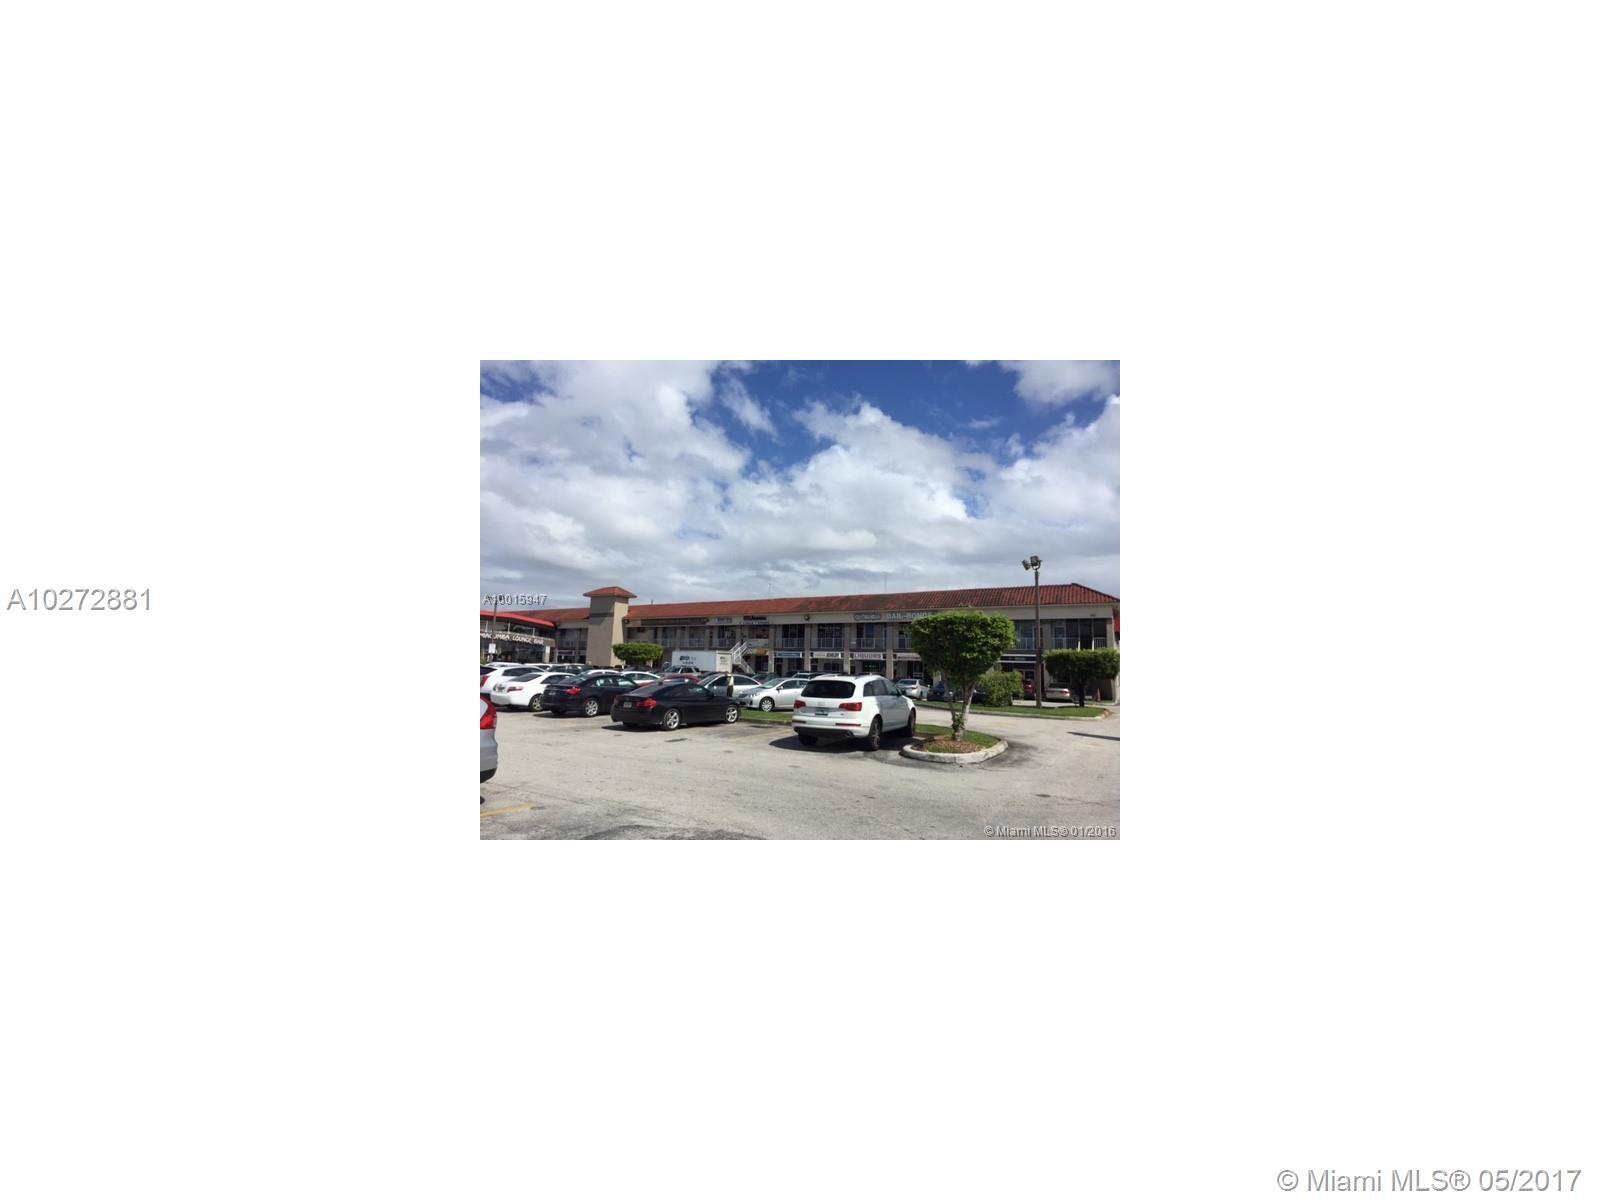 7325 NW 36th st, Miami, FL 33166